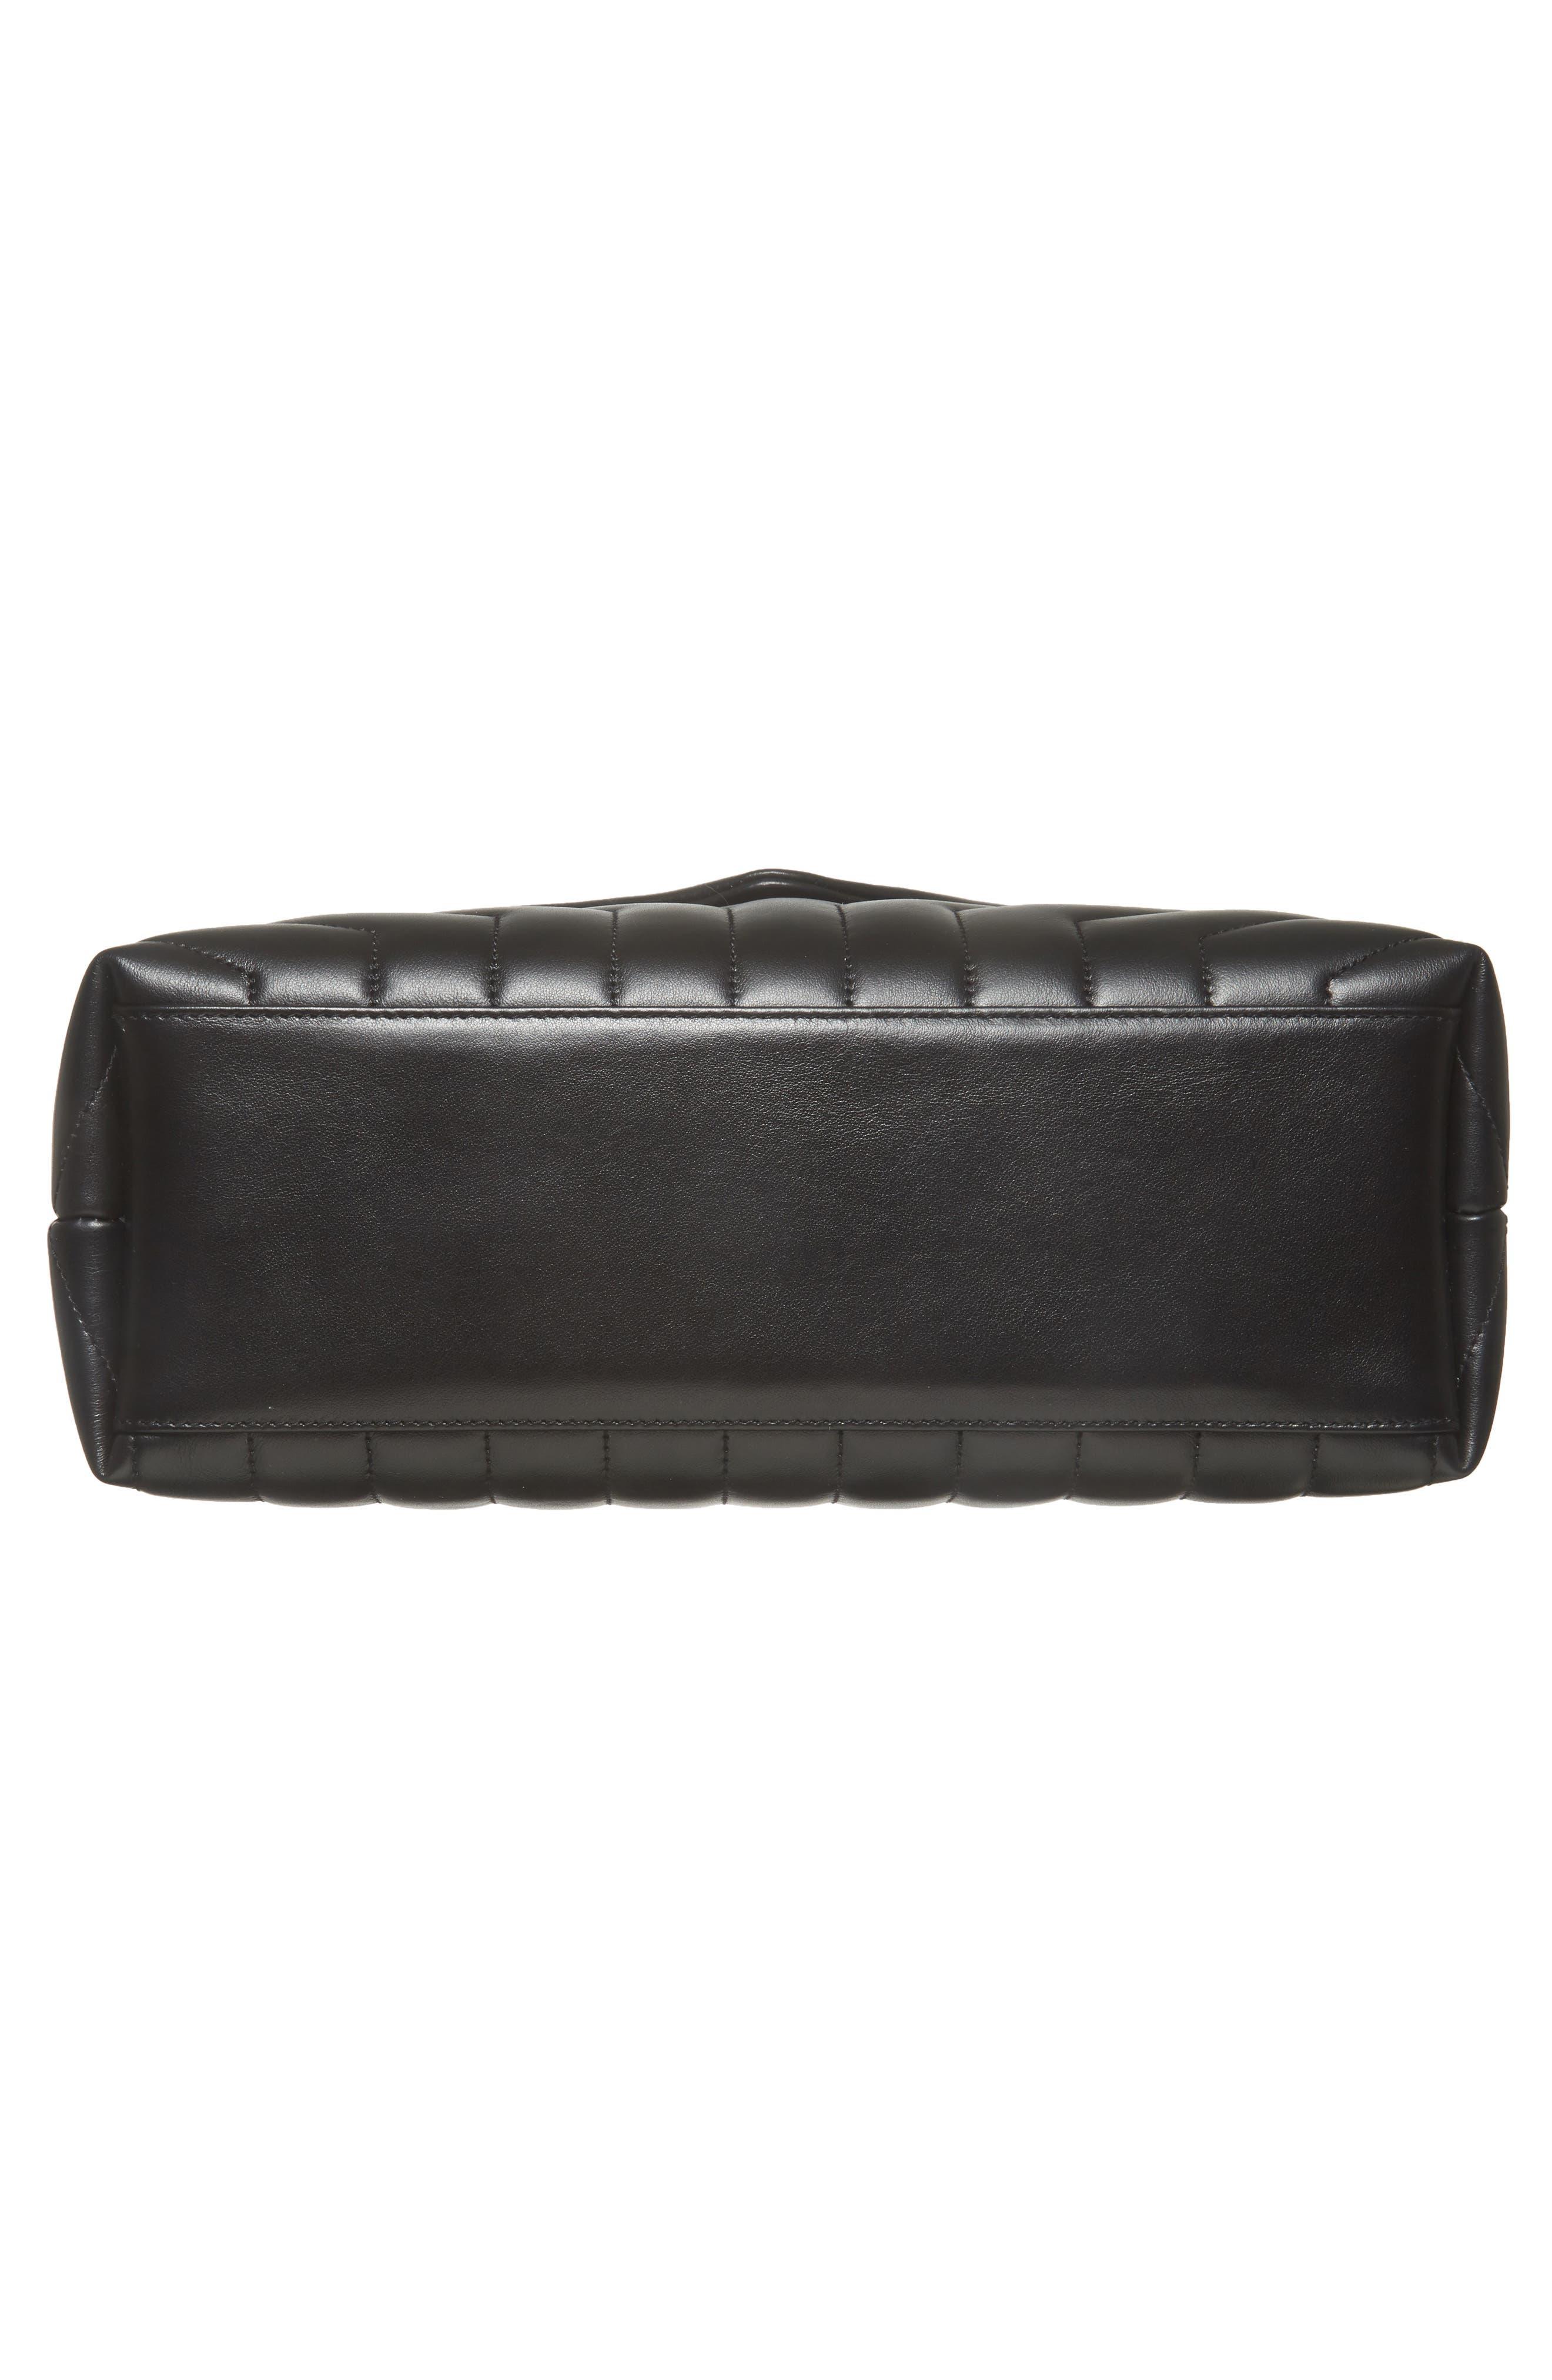 Medium Loulou Matelassé Leather Shoulder Bag,                             Alternate thumbnail 6, color,                             Noir